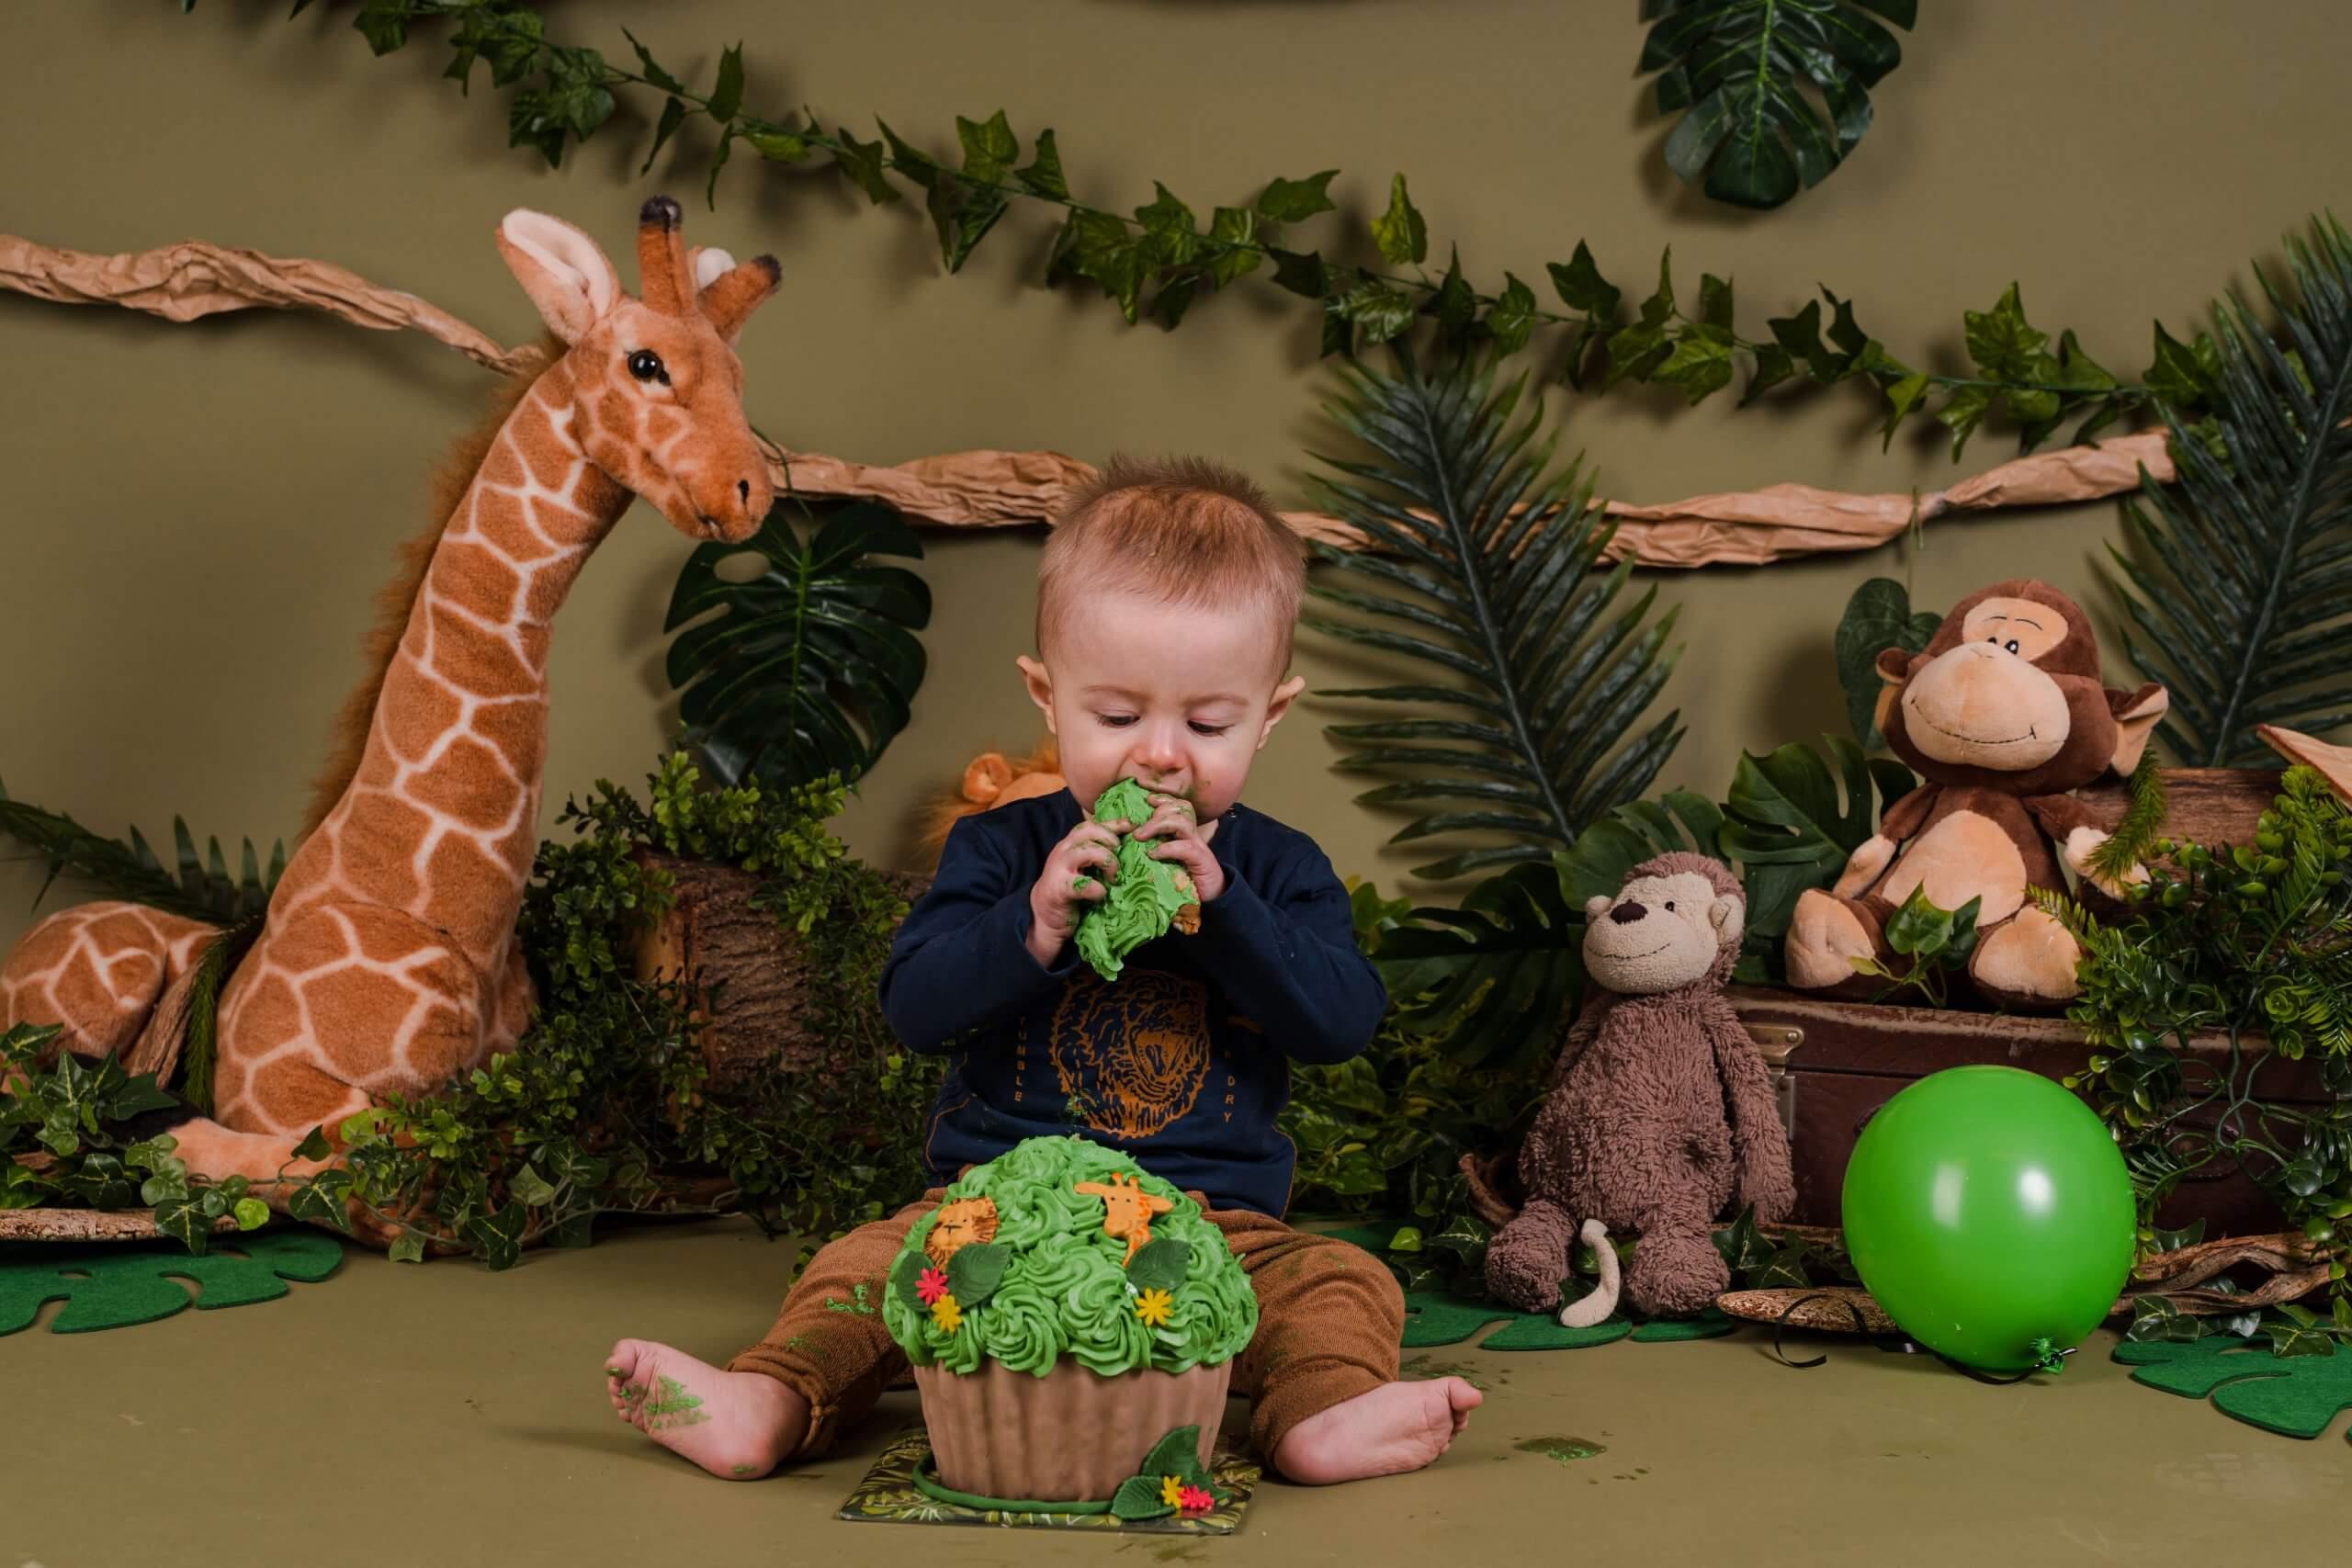 Cake smash jungle thema jongens jarig feestje versiering one wild fotoshoot amersfoort ede schoonhoven